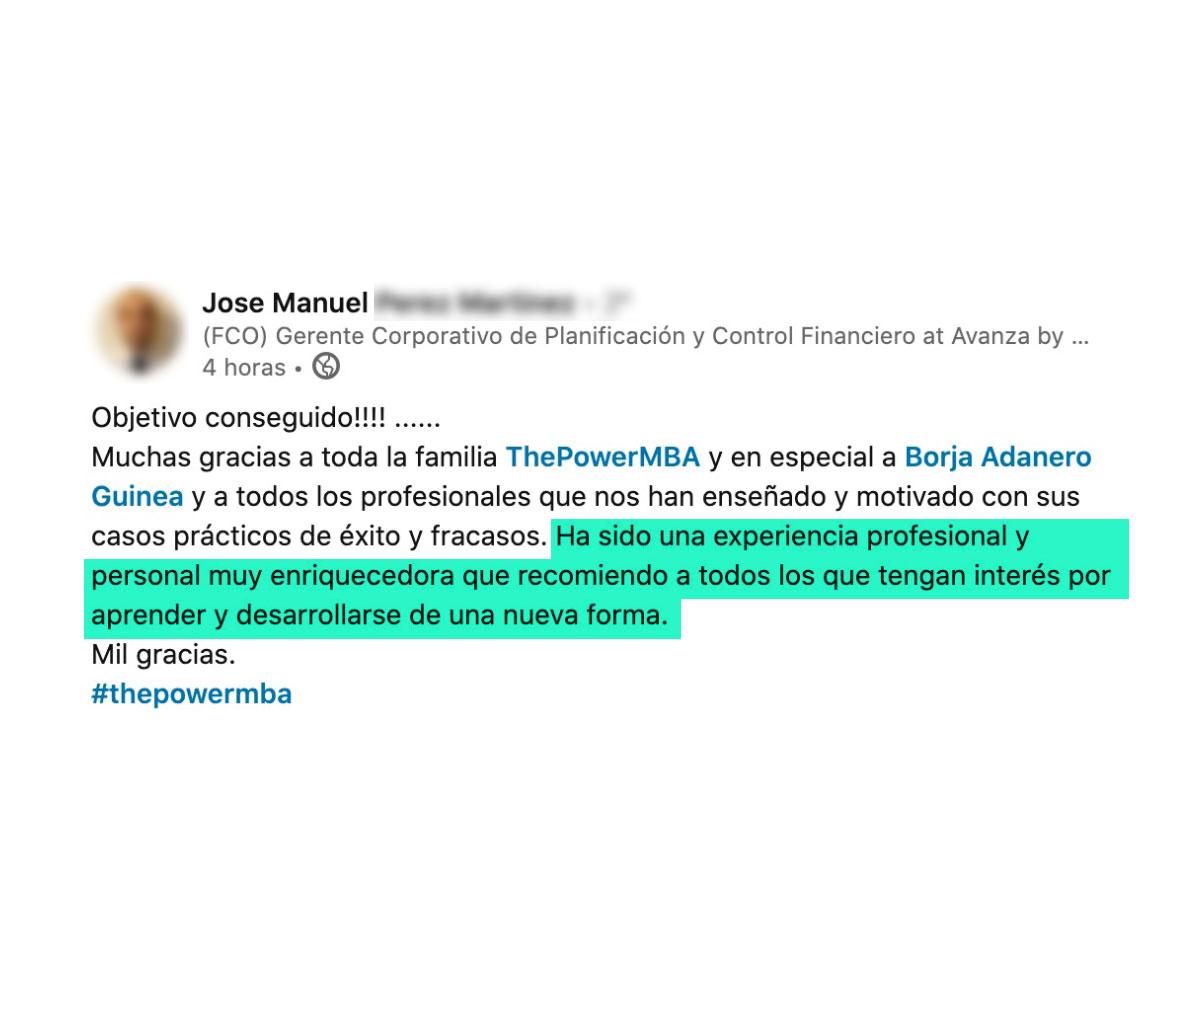 opinión de Jose Manuel sobre ThePowerMBA